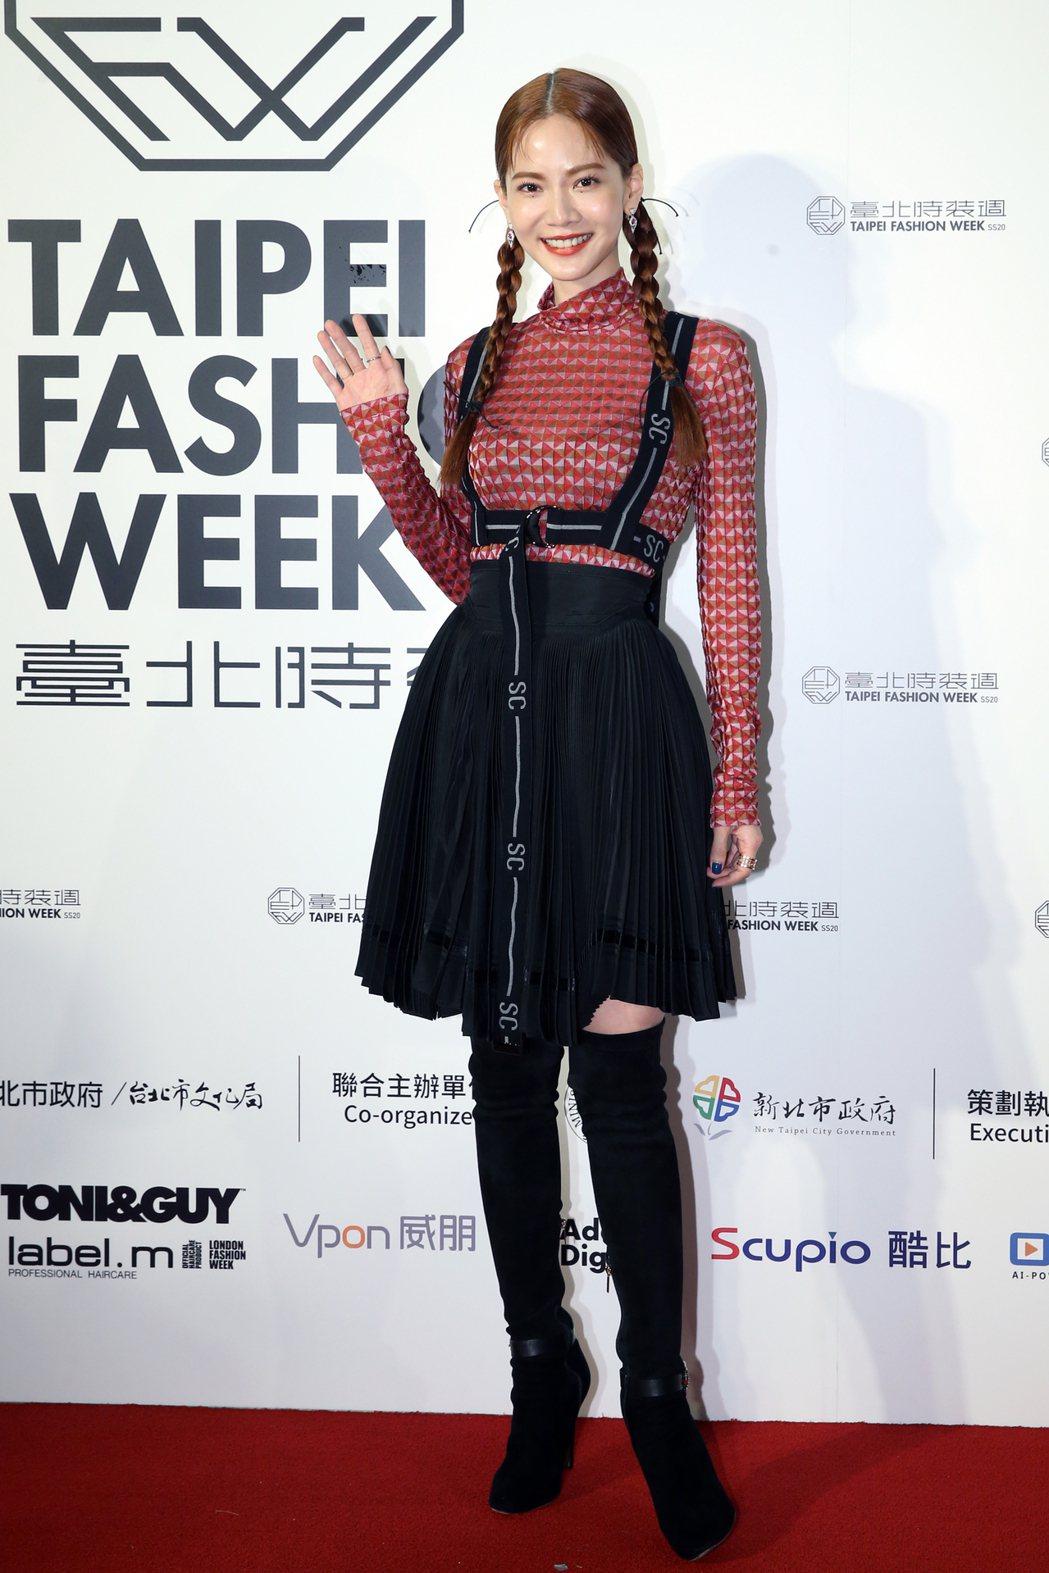 藝人曾之喬(圖)身著台灣設計師服飾亮相。記者許正宏/攝影